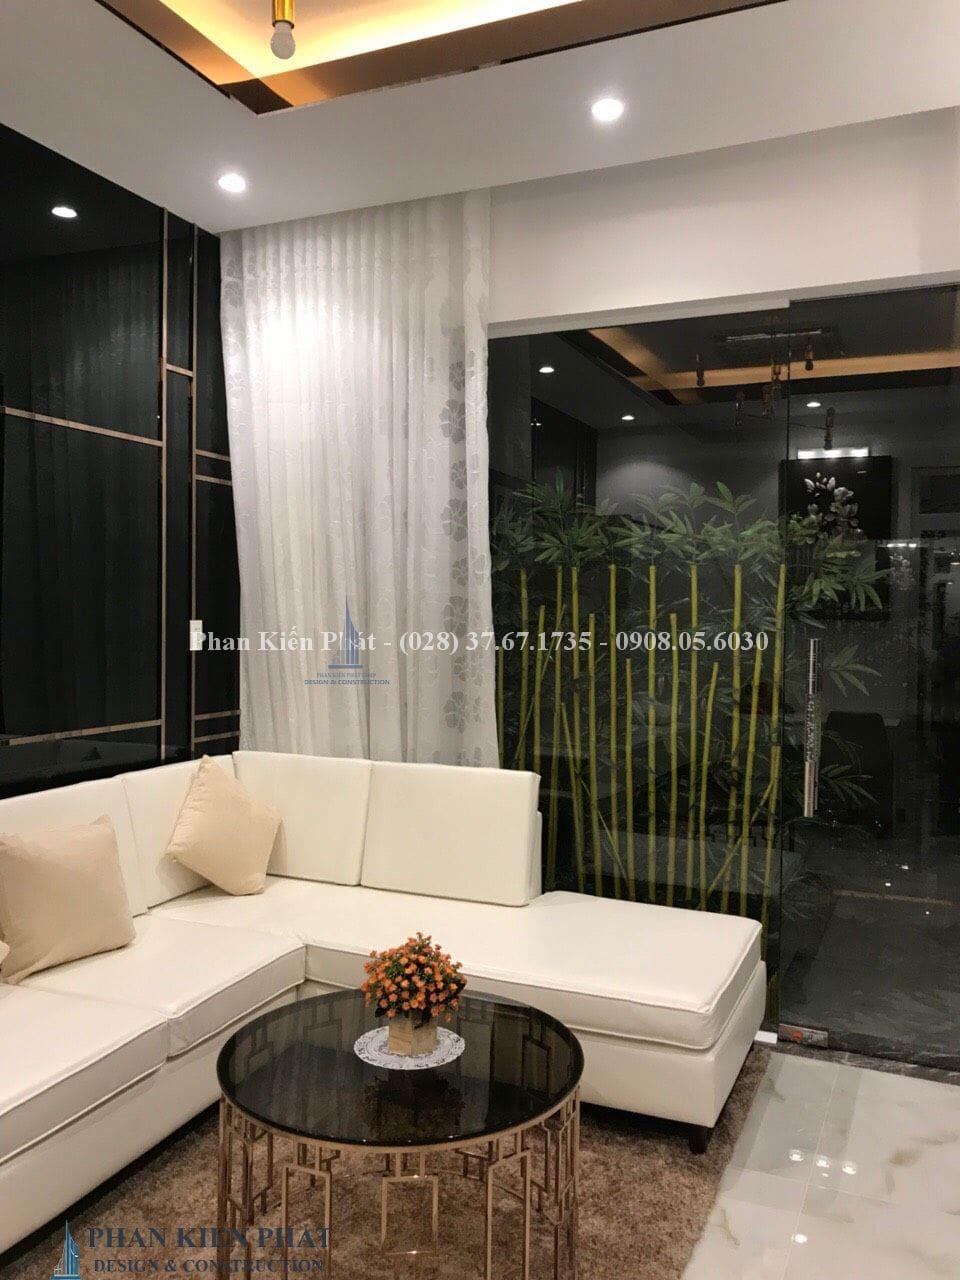 Hoan Thanh Cong Tac Hoan Thien Noi That Phong Cho Kham Benh View 2-công trình thi công hoàn thiện nhà phố 5 tầng